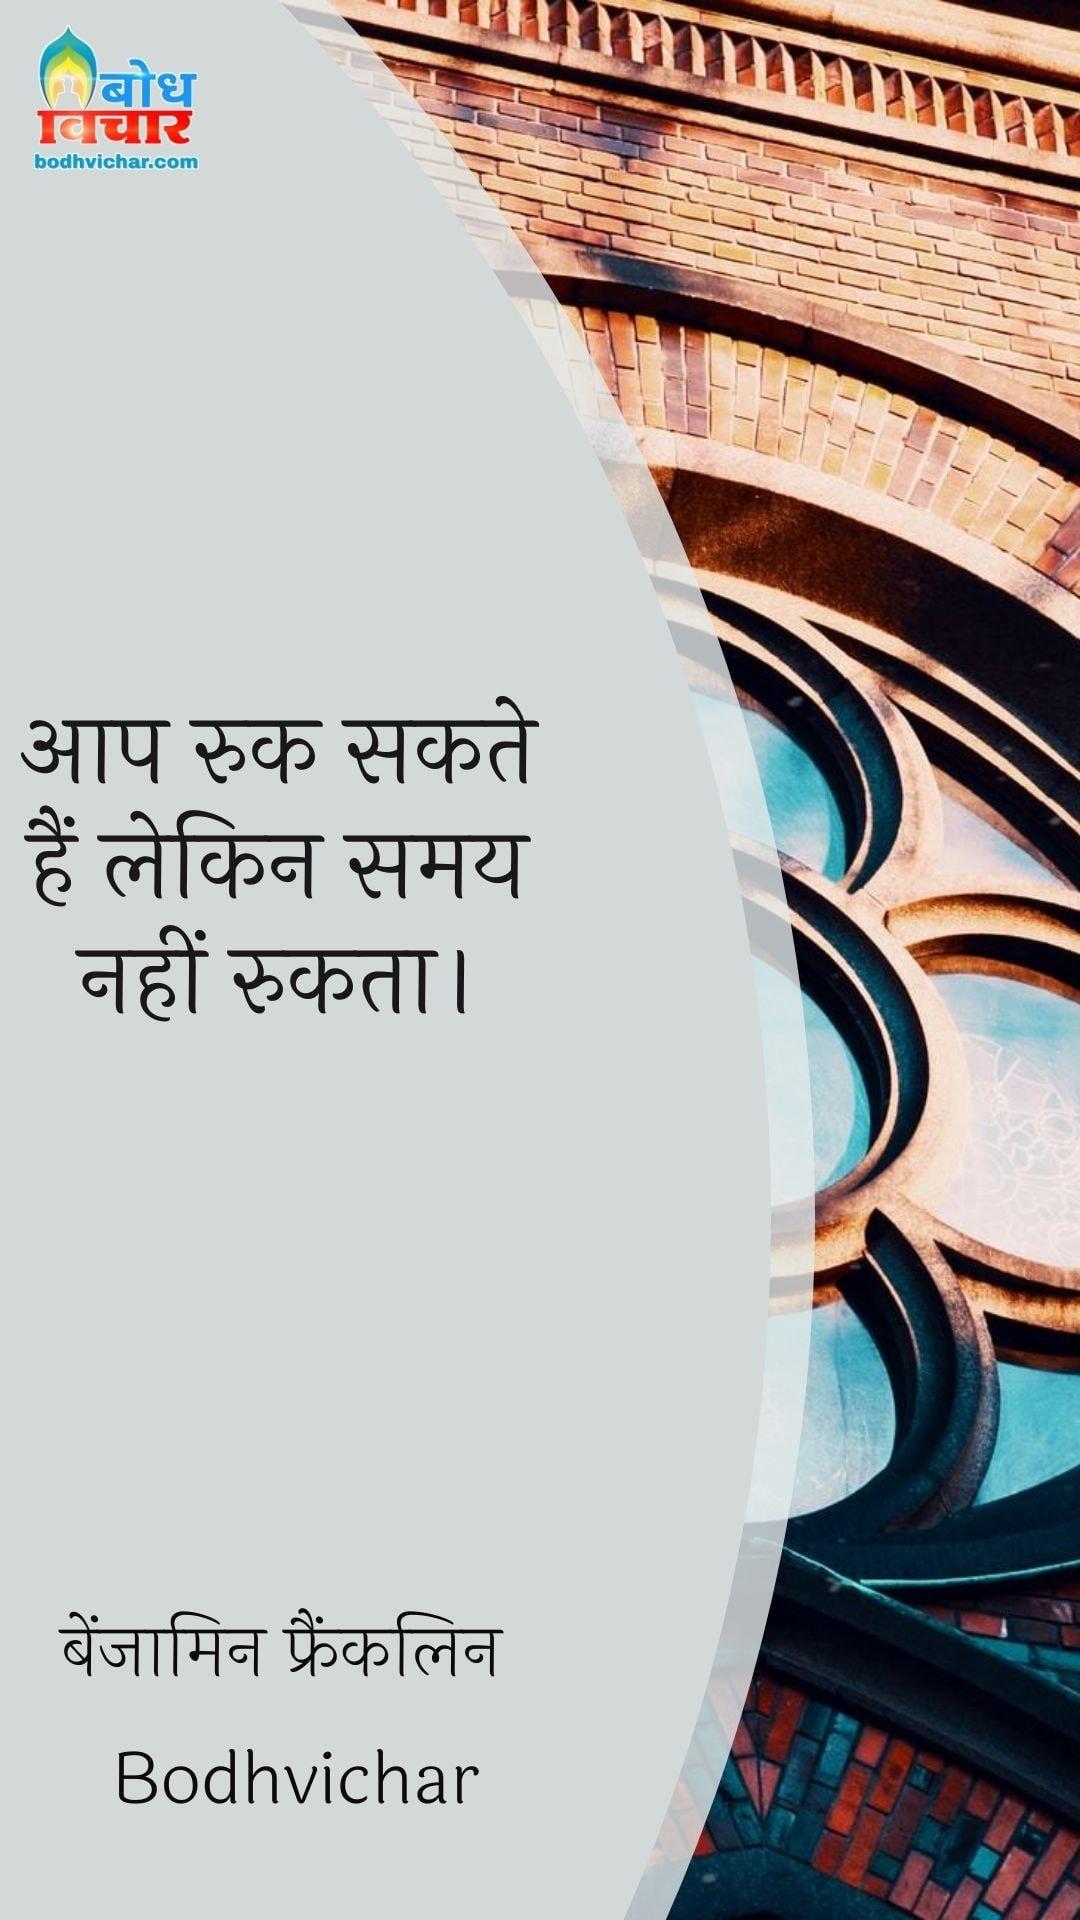 आप रुक सकते हैं लेकिन समय नहीं रुकता। : Aap ruk sakte hain lekin samay nahi rukta - बेंजामिन फ्रैंकलिन